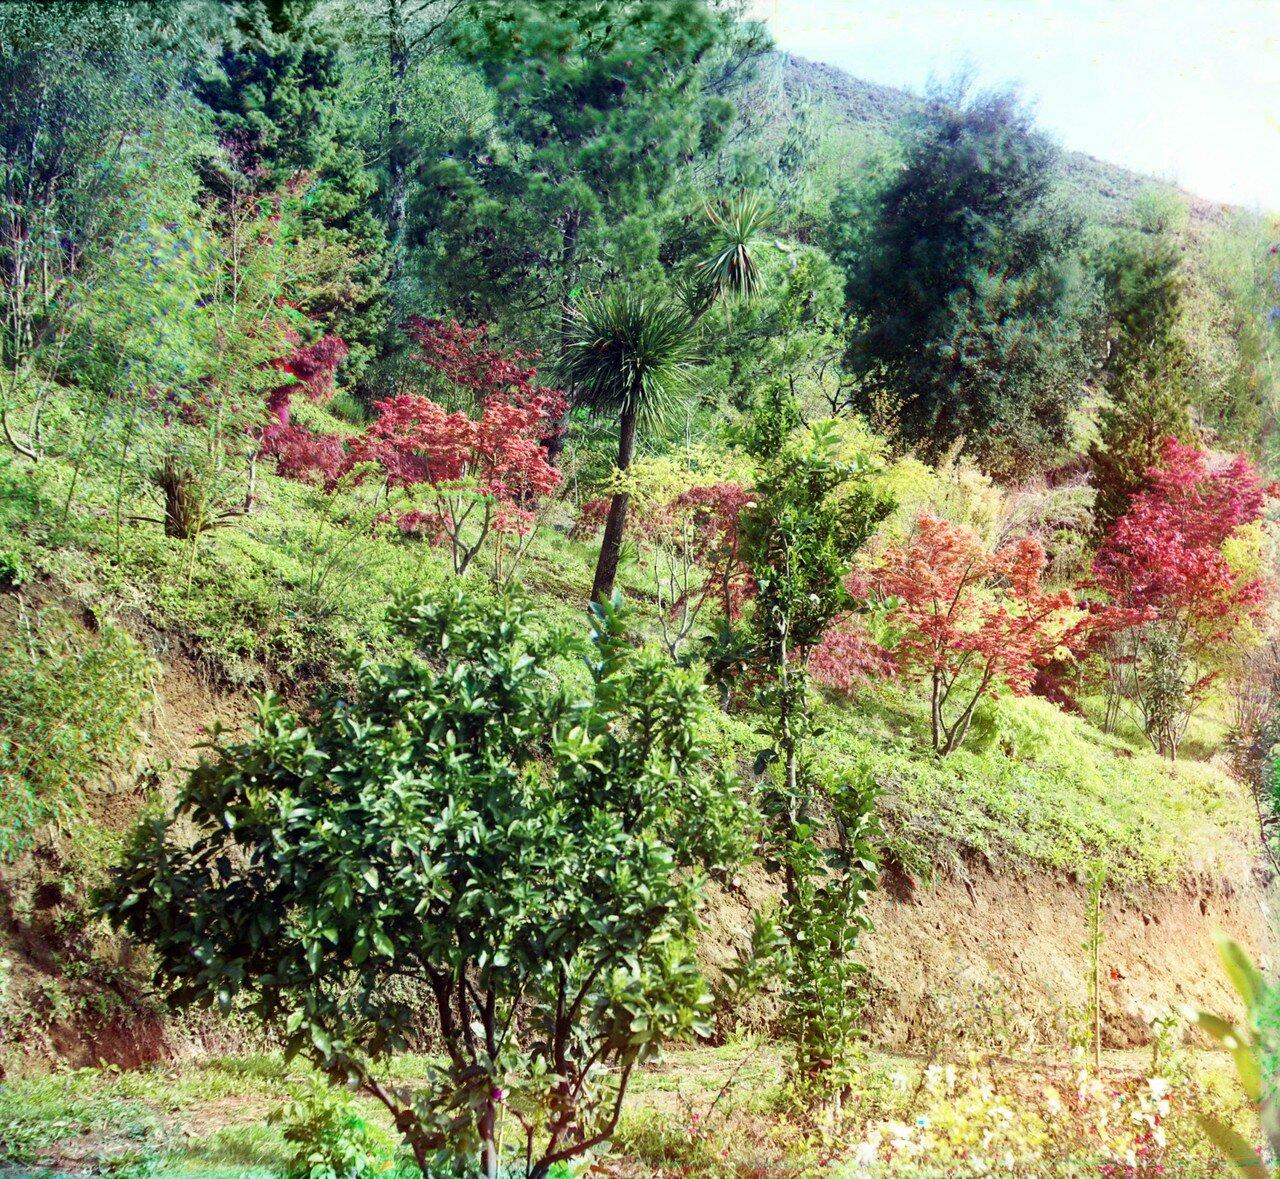 Окрестности Батума. Зеленый мыс. Группа японских клёнов. На первом плане апельсиновые деревья